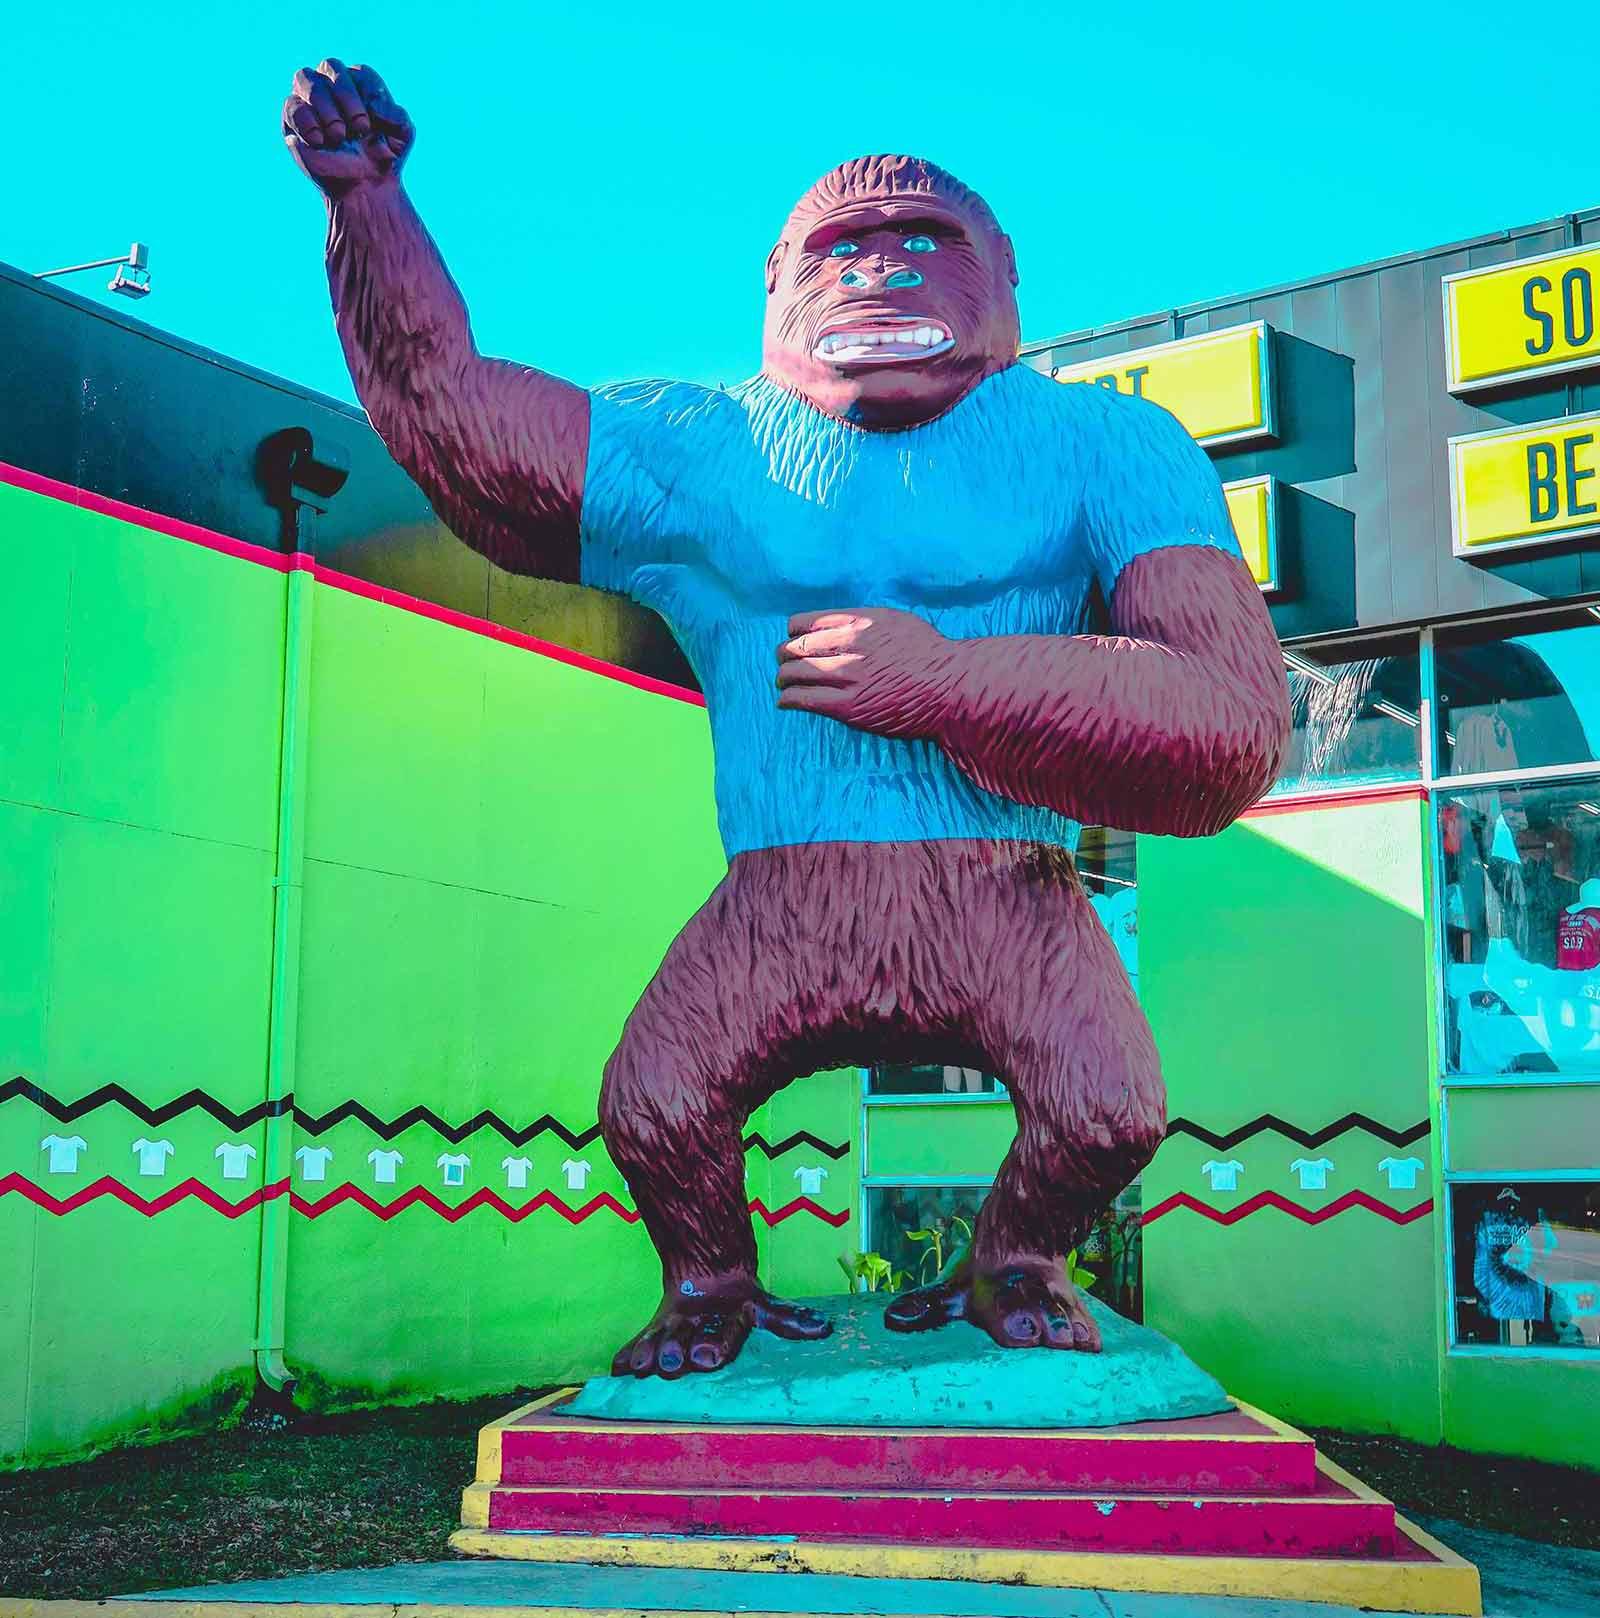 Bild: Ein bunter Affe auf einem Podest in Siegesposition